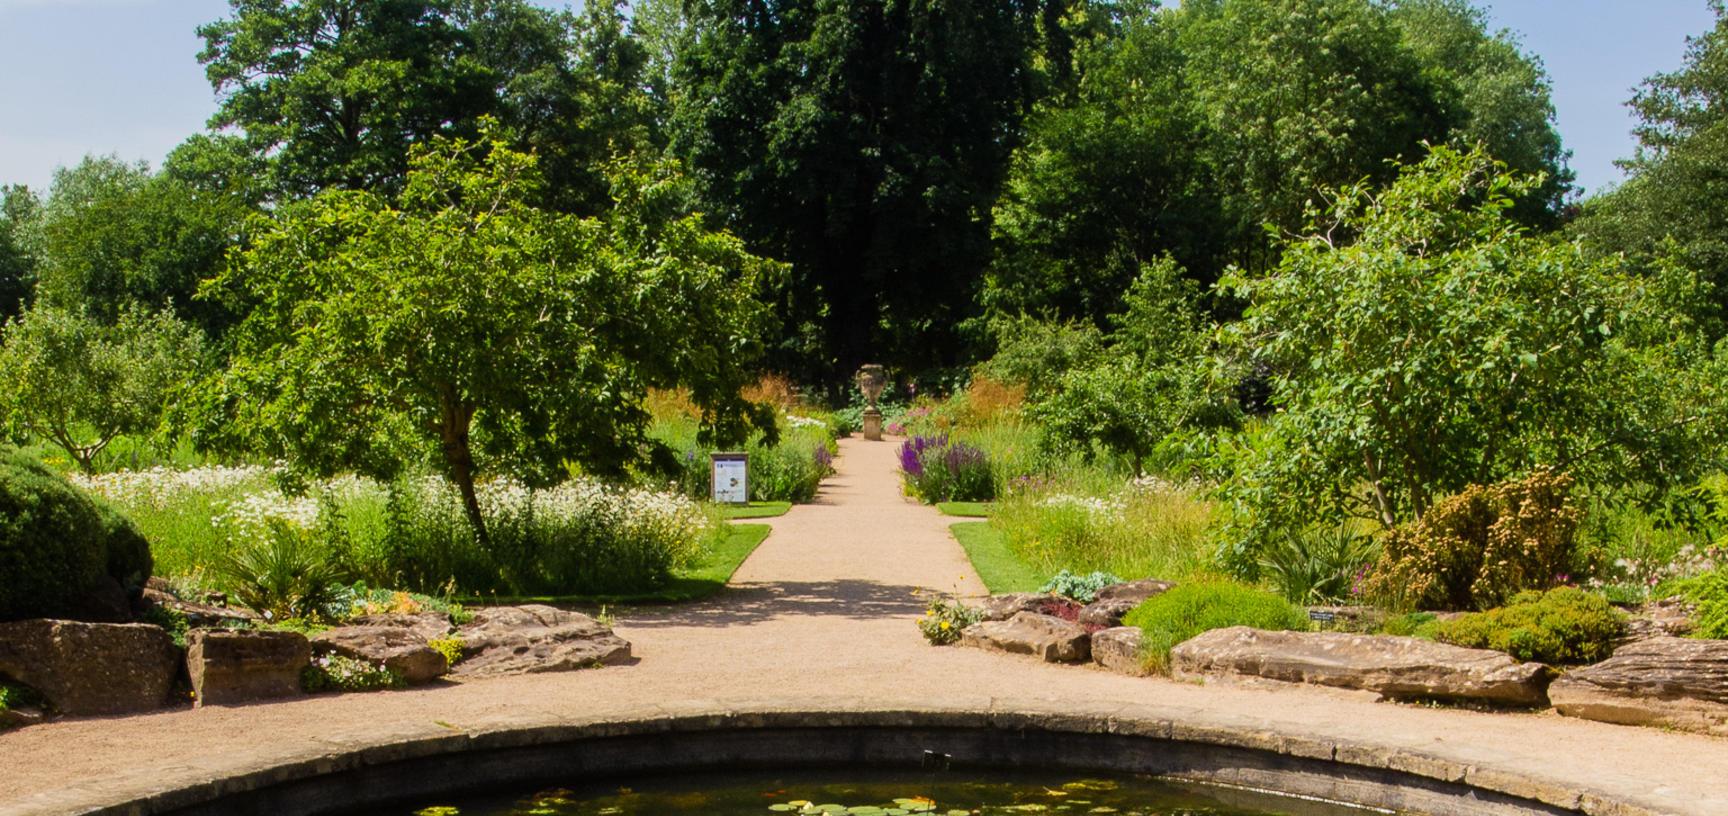 oxford botanic garden  lily pond  lower garden  summer